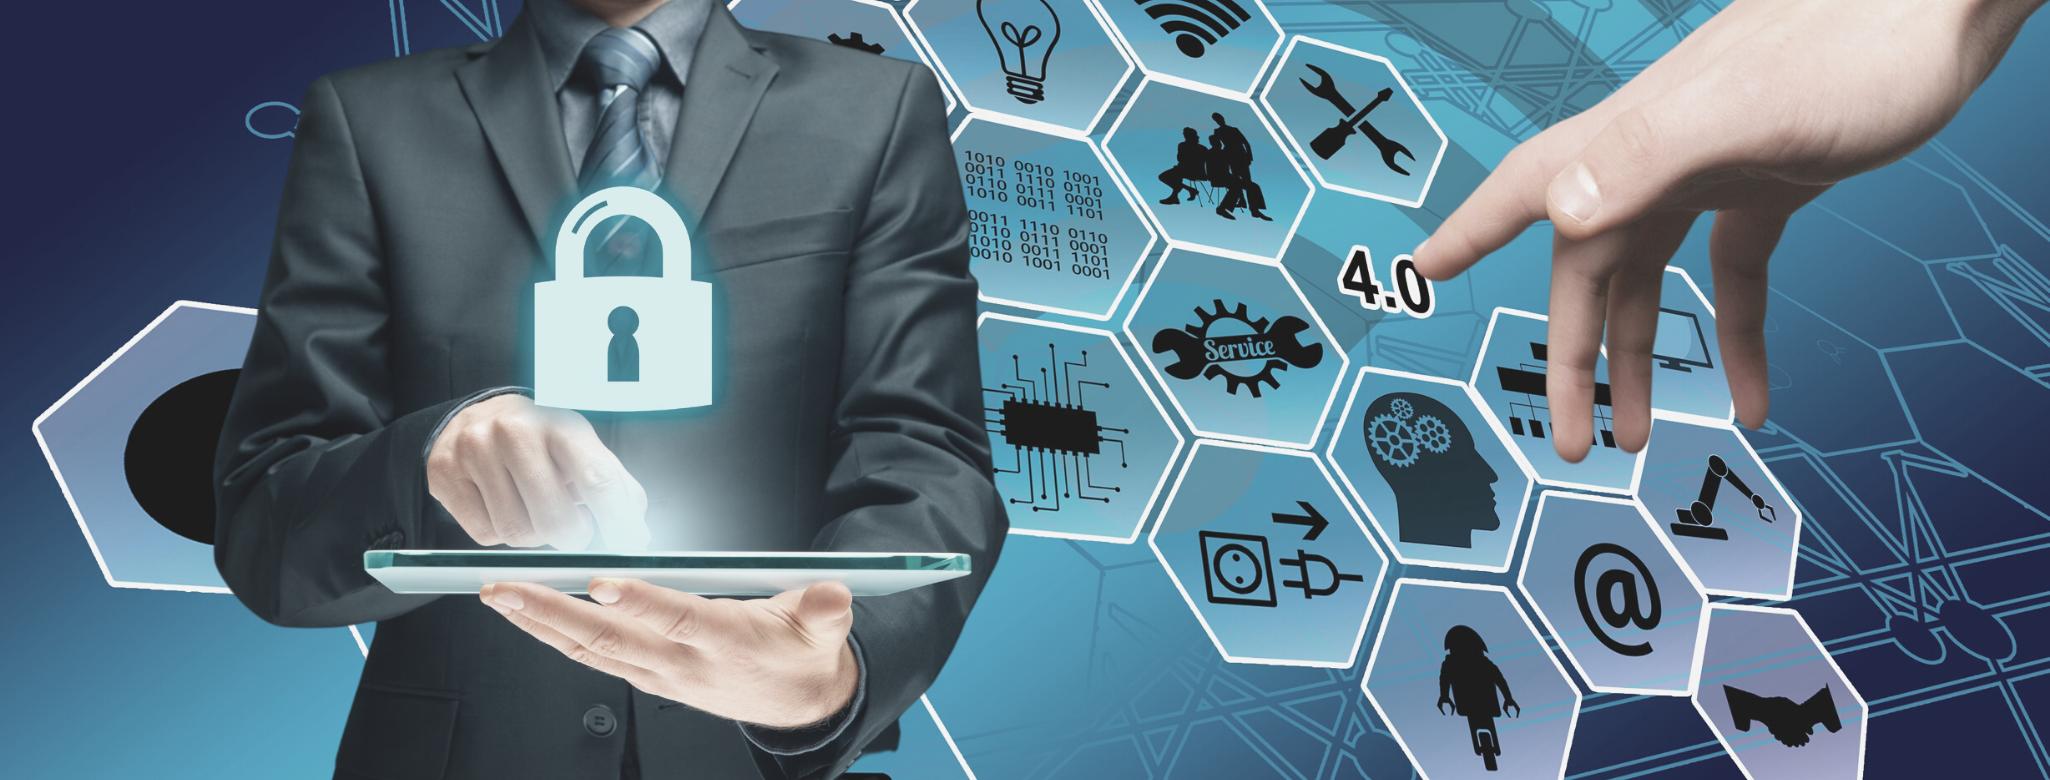 Cybersécurité B2B : quelles tactiques adopter pour se distinguer sans perdre sa crédibilité ?